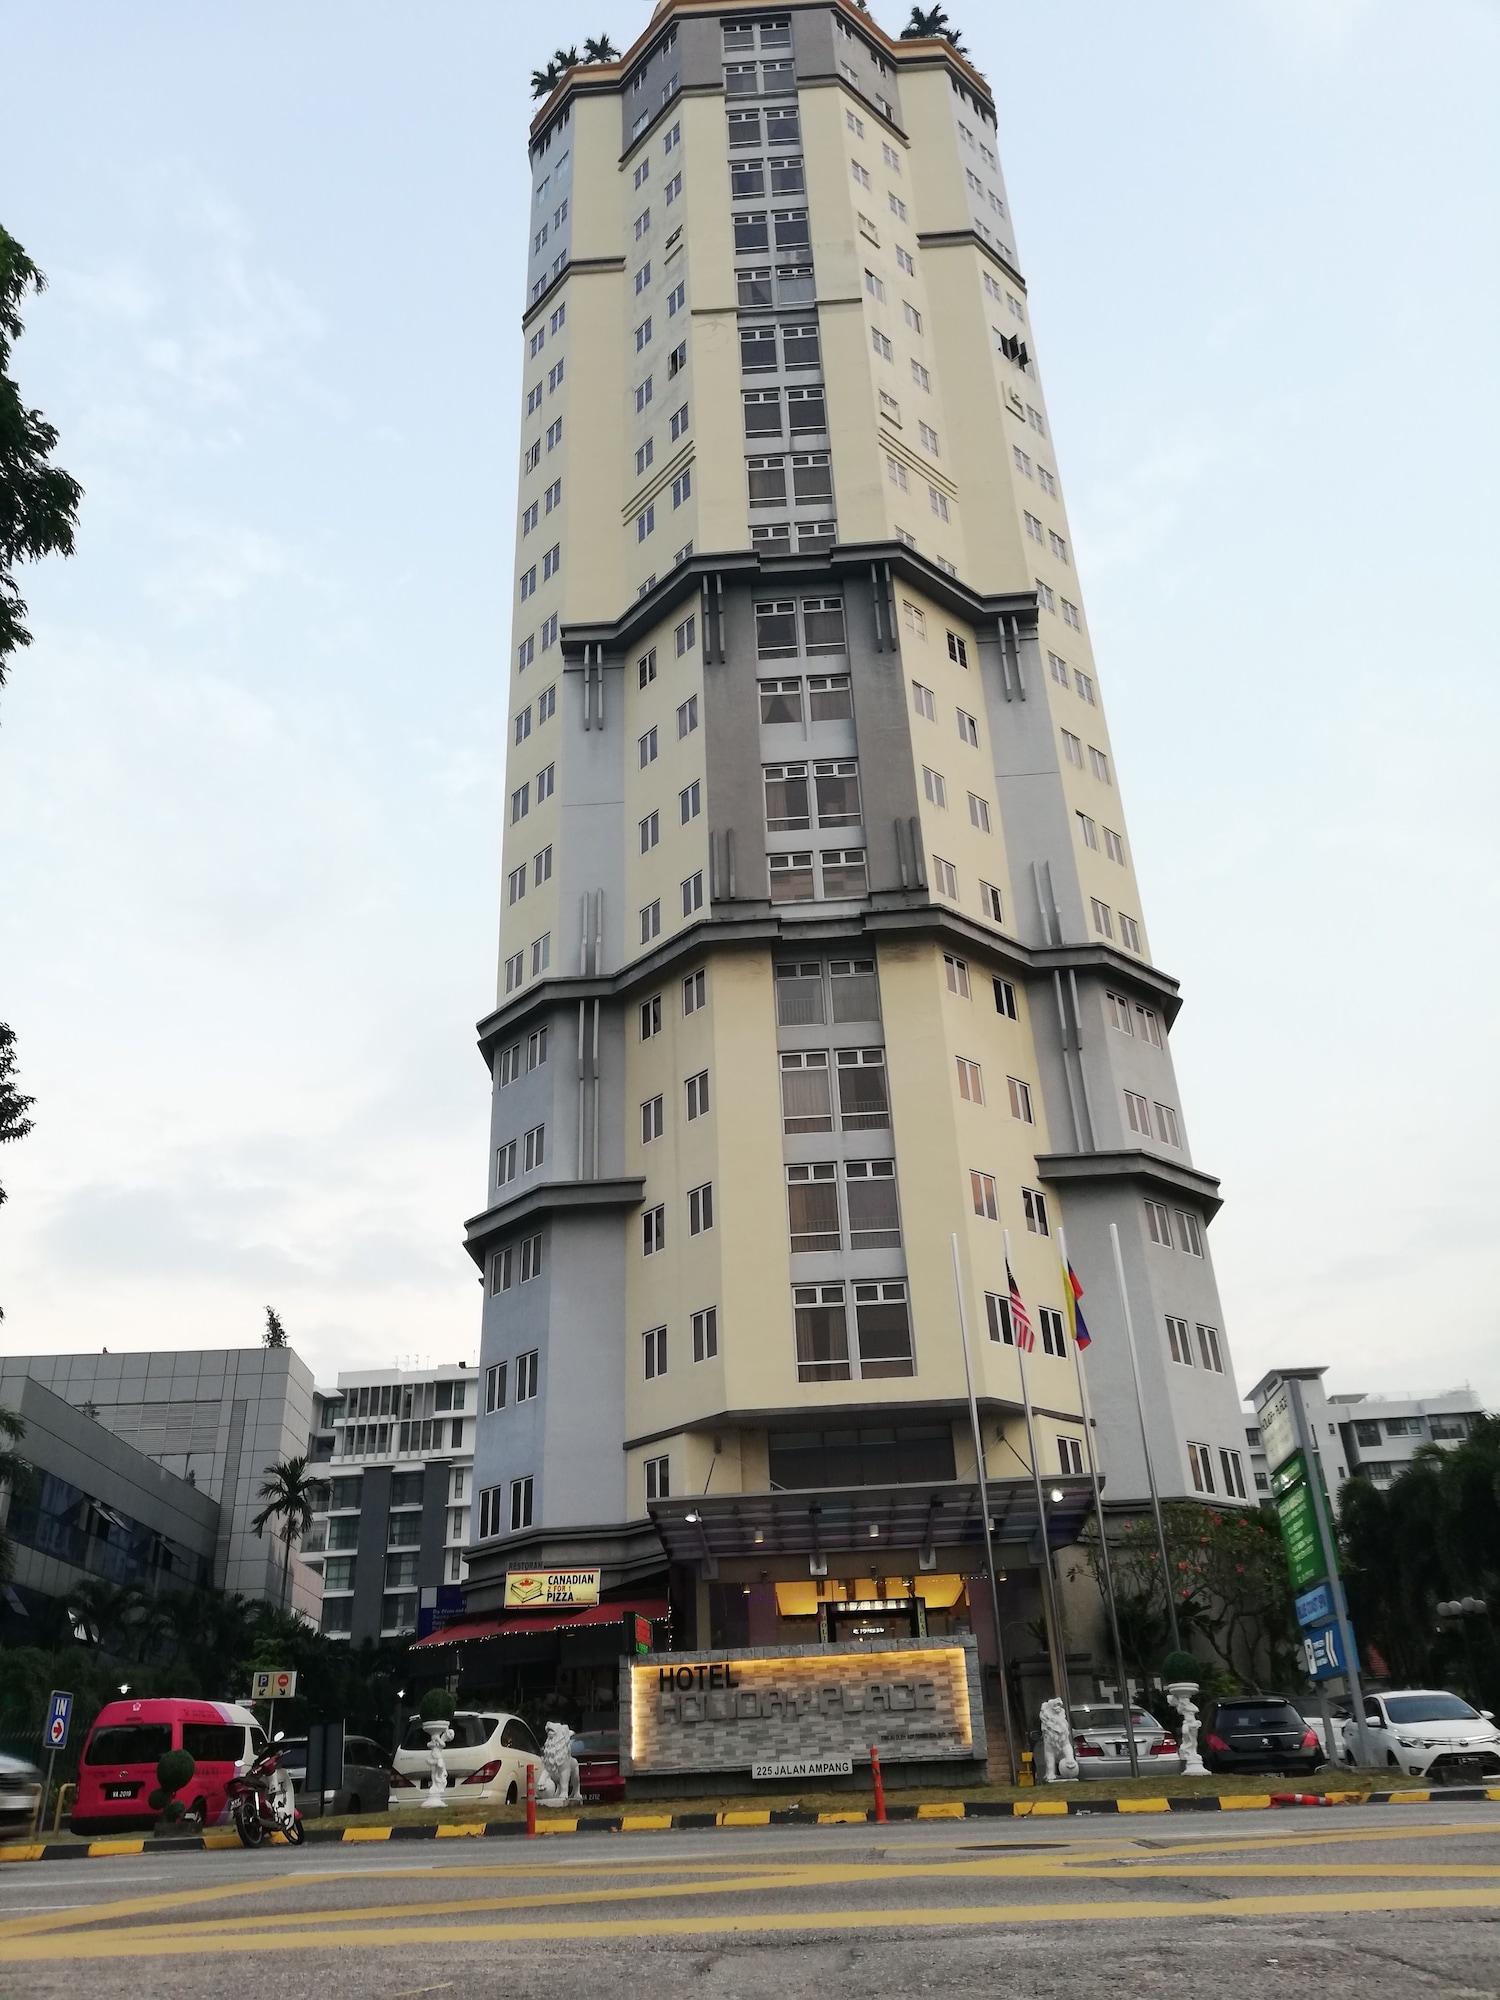 Holiday Place, Kuala Lumpur